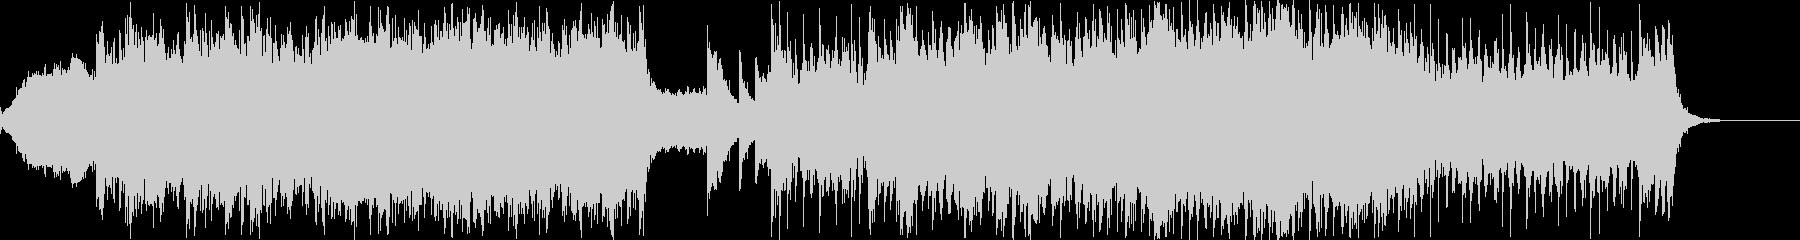 壮大パーカッシブなEDM的シネマティックの未再生の波形